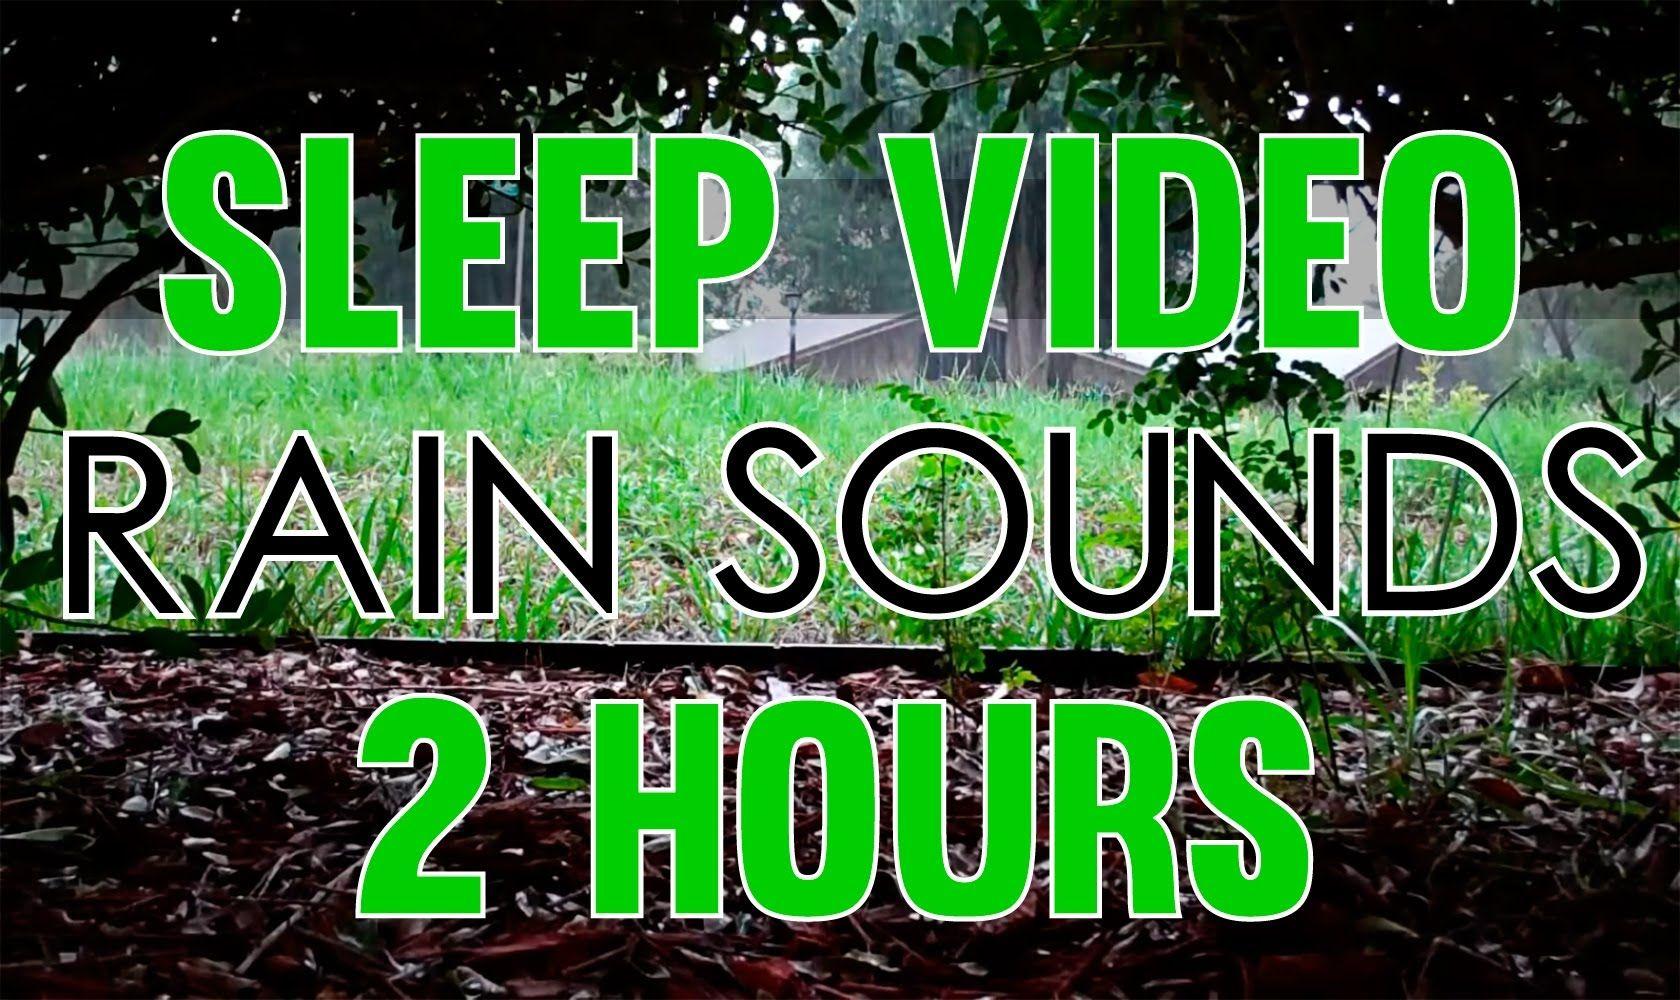 Rain Sounds 2 Hours Sleep Video Heavy Rain Sounds Hd Sound Of Rain Rain And Thunder Sounds Rain And Thunder